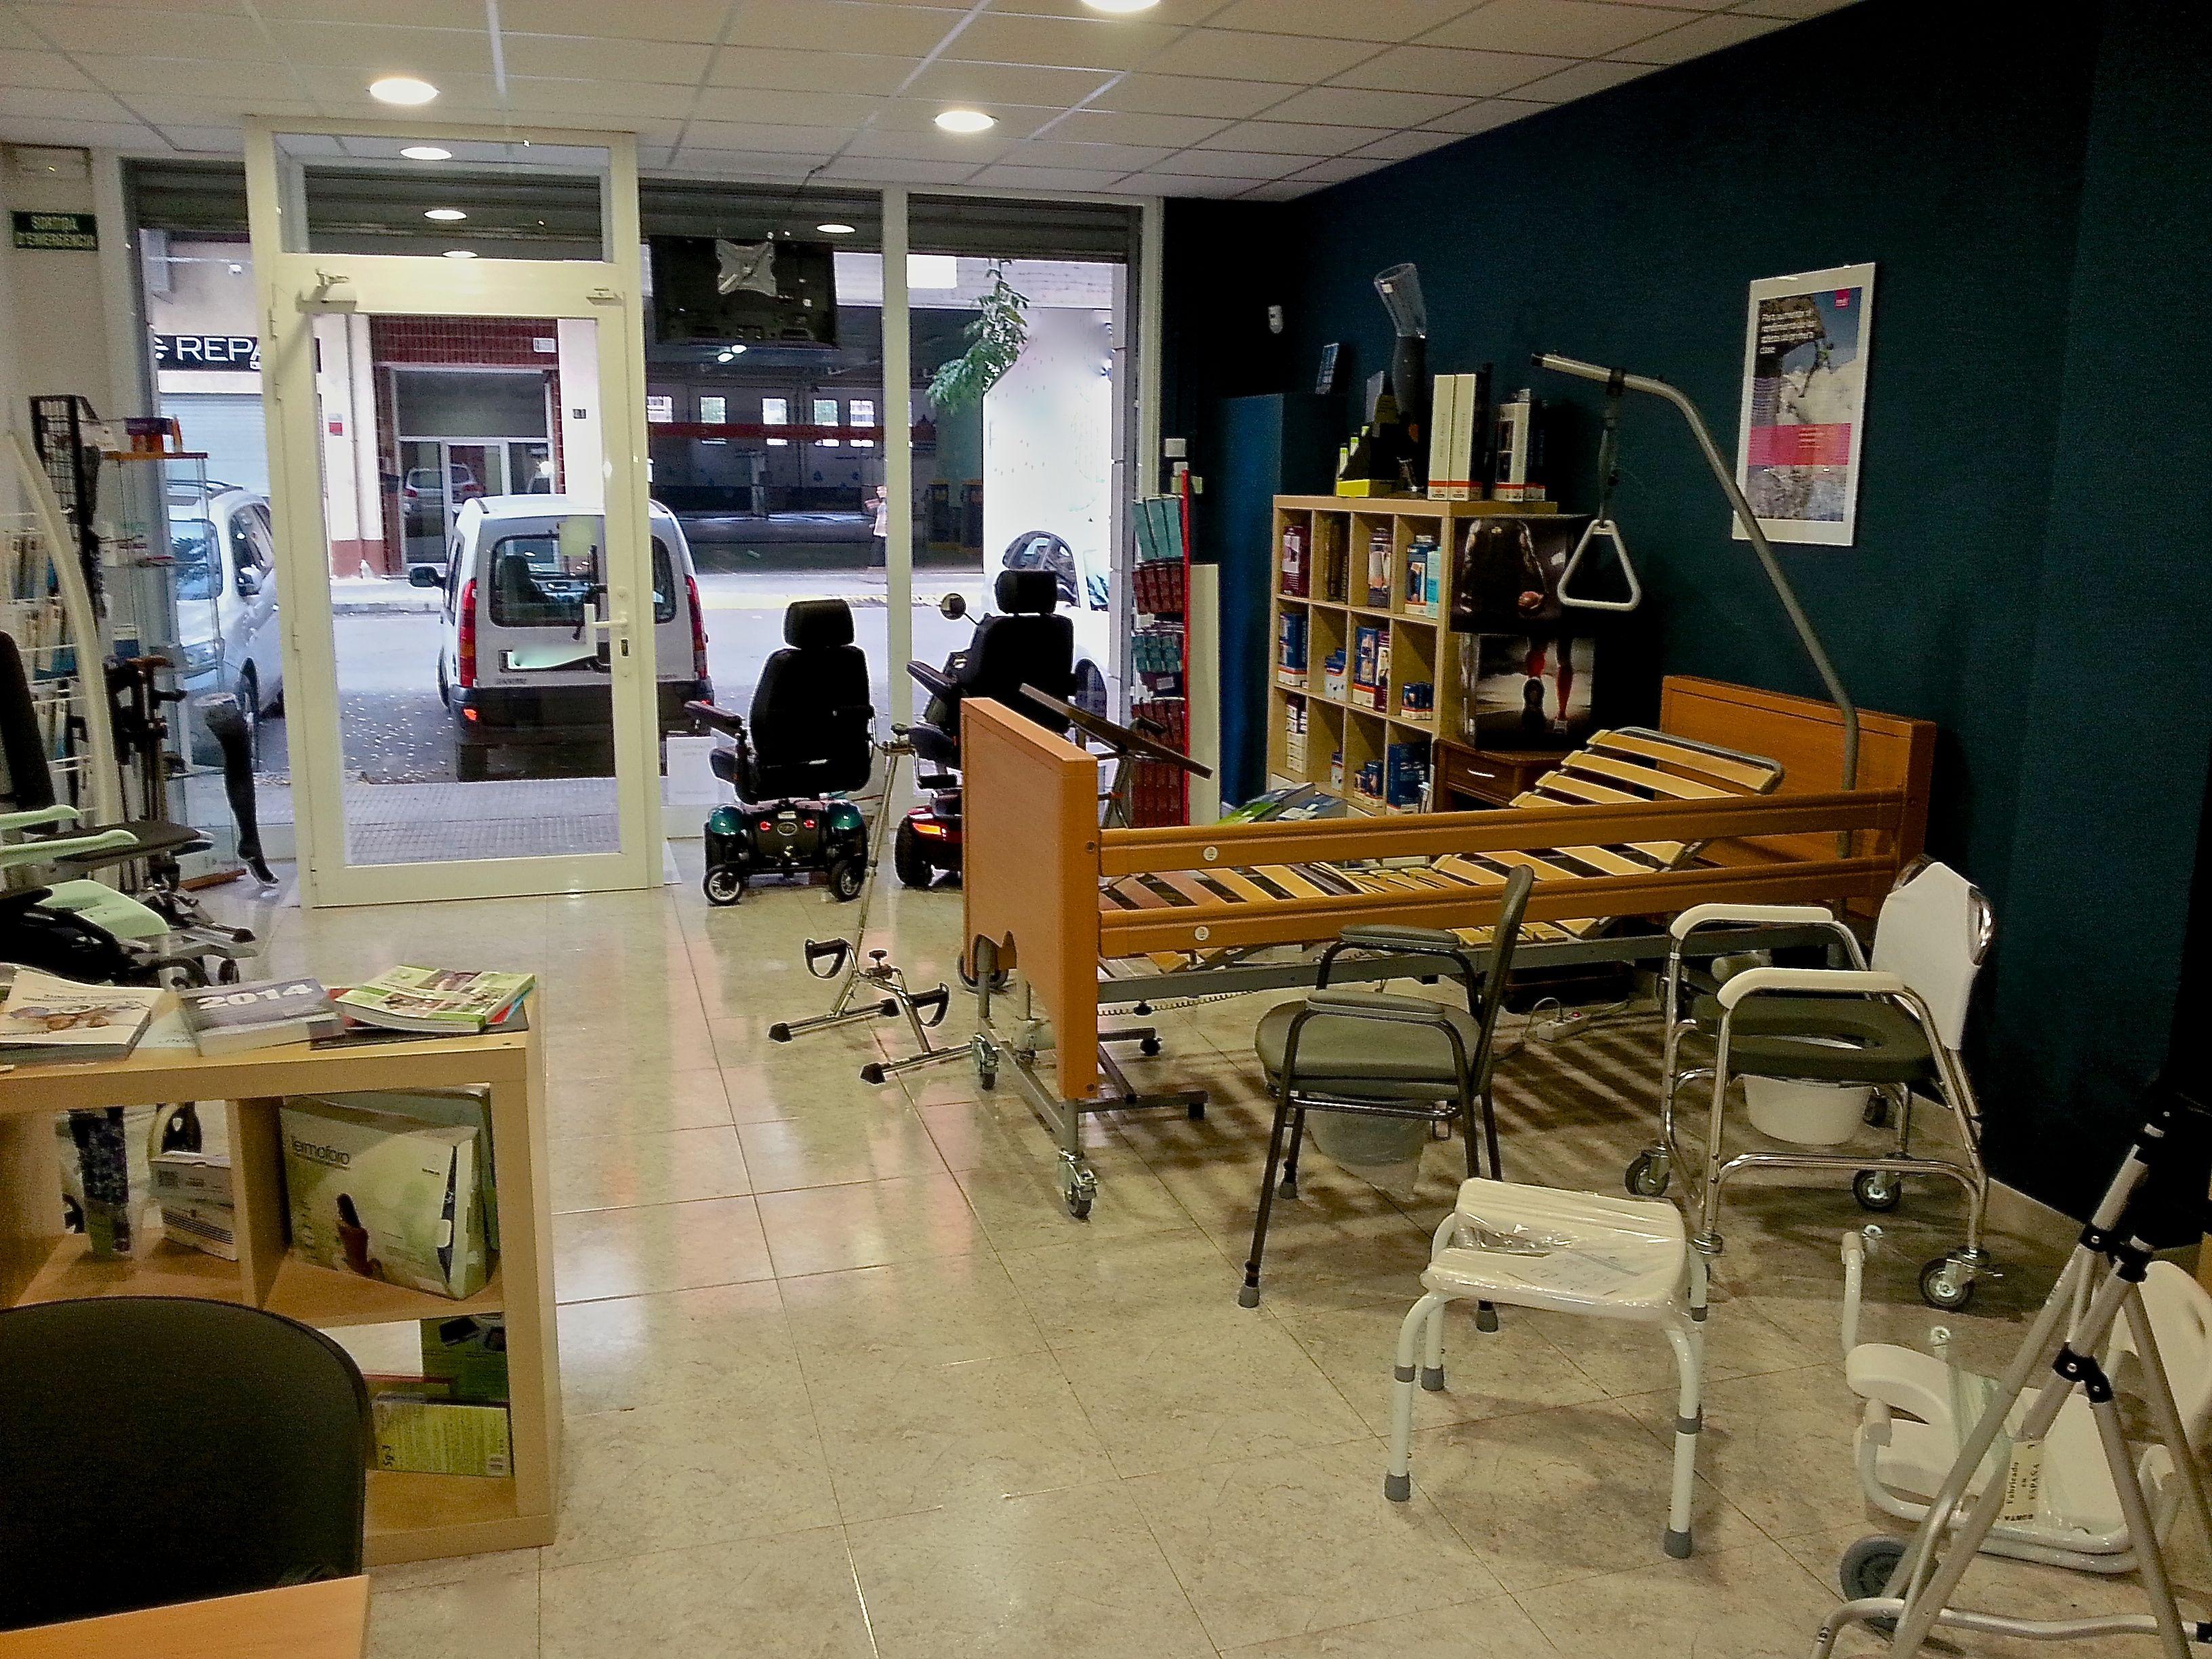 Ortopedia-Lleida-Dissalud-especialistas-en-ayudas-técnicas-para-la-mobilidad-y-el-deporte-973-044-527-C.-Girona-34